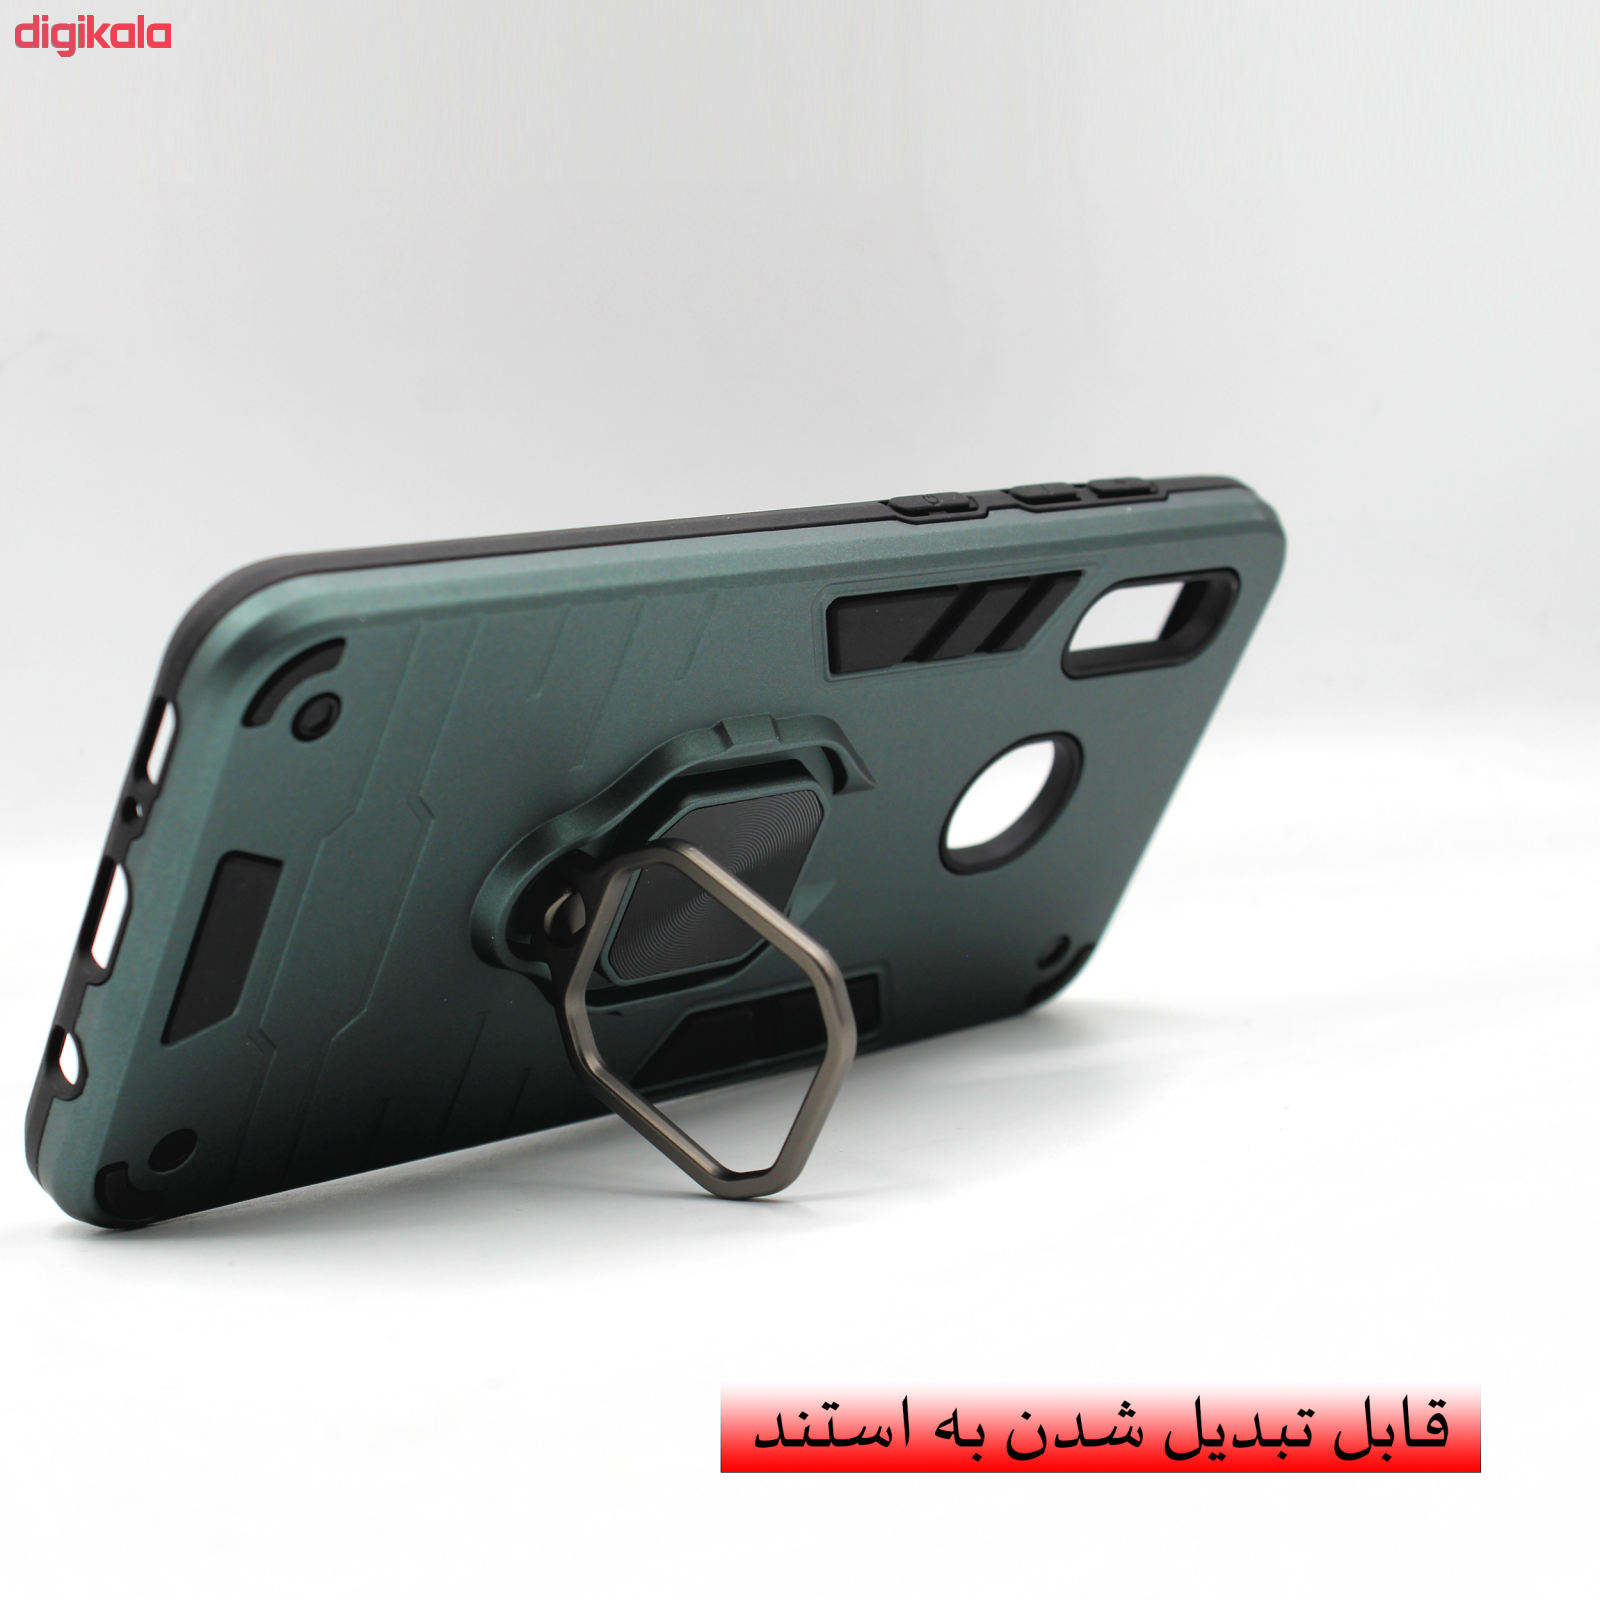 کاور کینگ پاور مدل ASH22 مناسب برای گوشی موبایل هوآوی Y7 Prime 2019 main 1 3